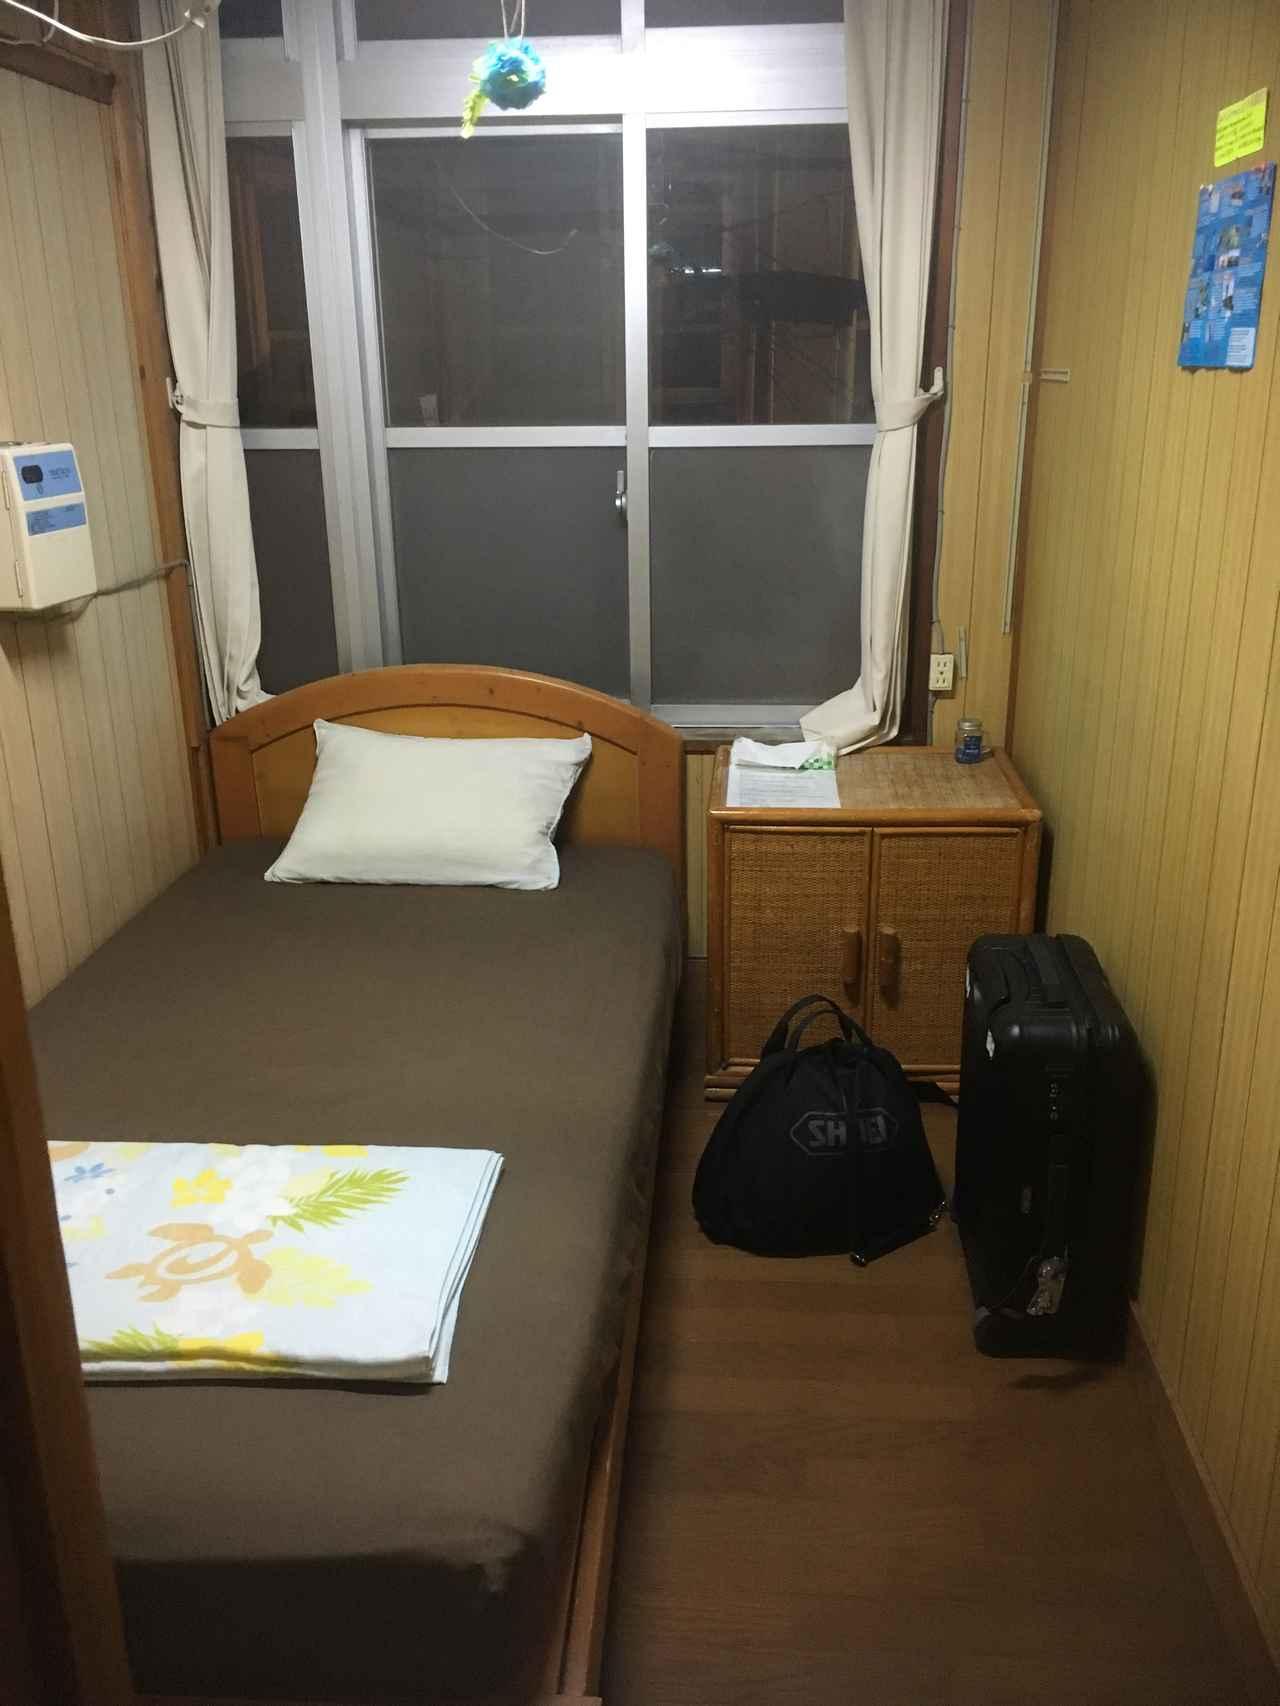 画像: ちなみに、島から島へとふらふらするひとり旅。石垣島では、えみっくすさんという宿へ。素泊まり1500円。この日は個室しか空いてなくて、こちらのお部屋は2500円なり。島に着いてから電話して予約しました。